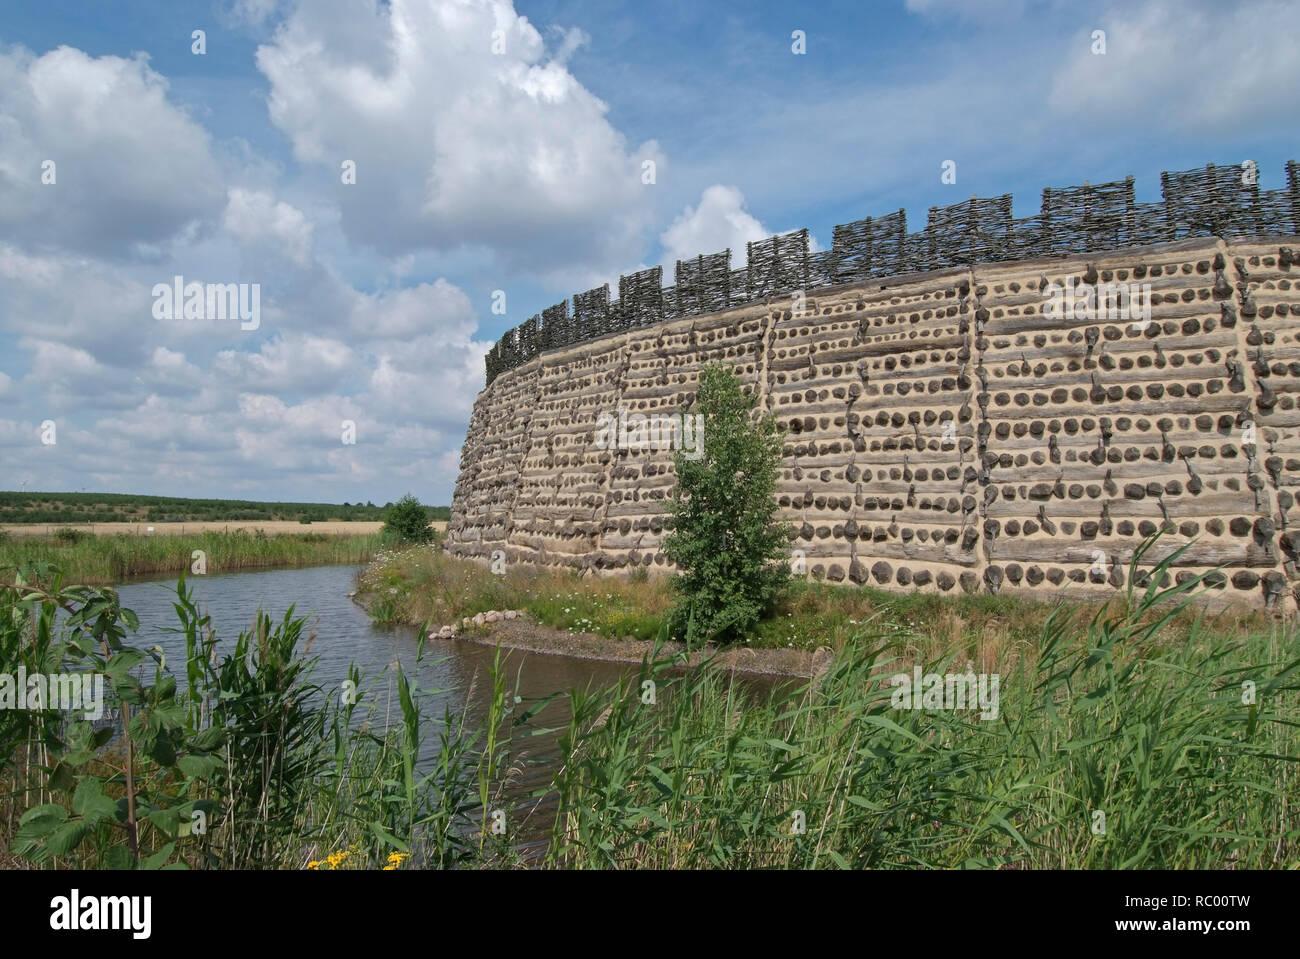 Slawenburg Raddusch bei Vetschau, Spreewald, Landkreis Oberspreewald-Lausitzkreis, Land Brandenburg, Deutschland, Europa   castle for the Wends, Wend' - Stock Image